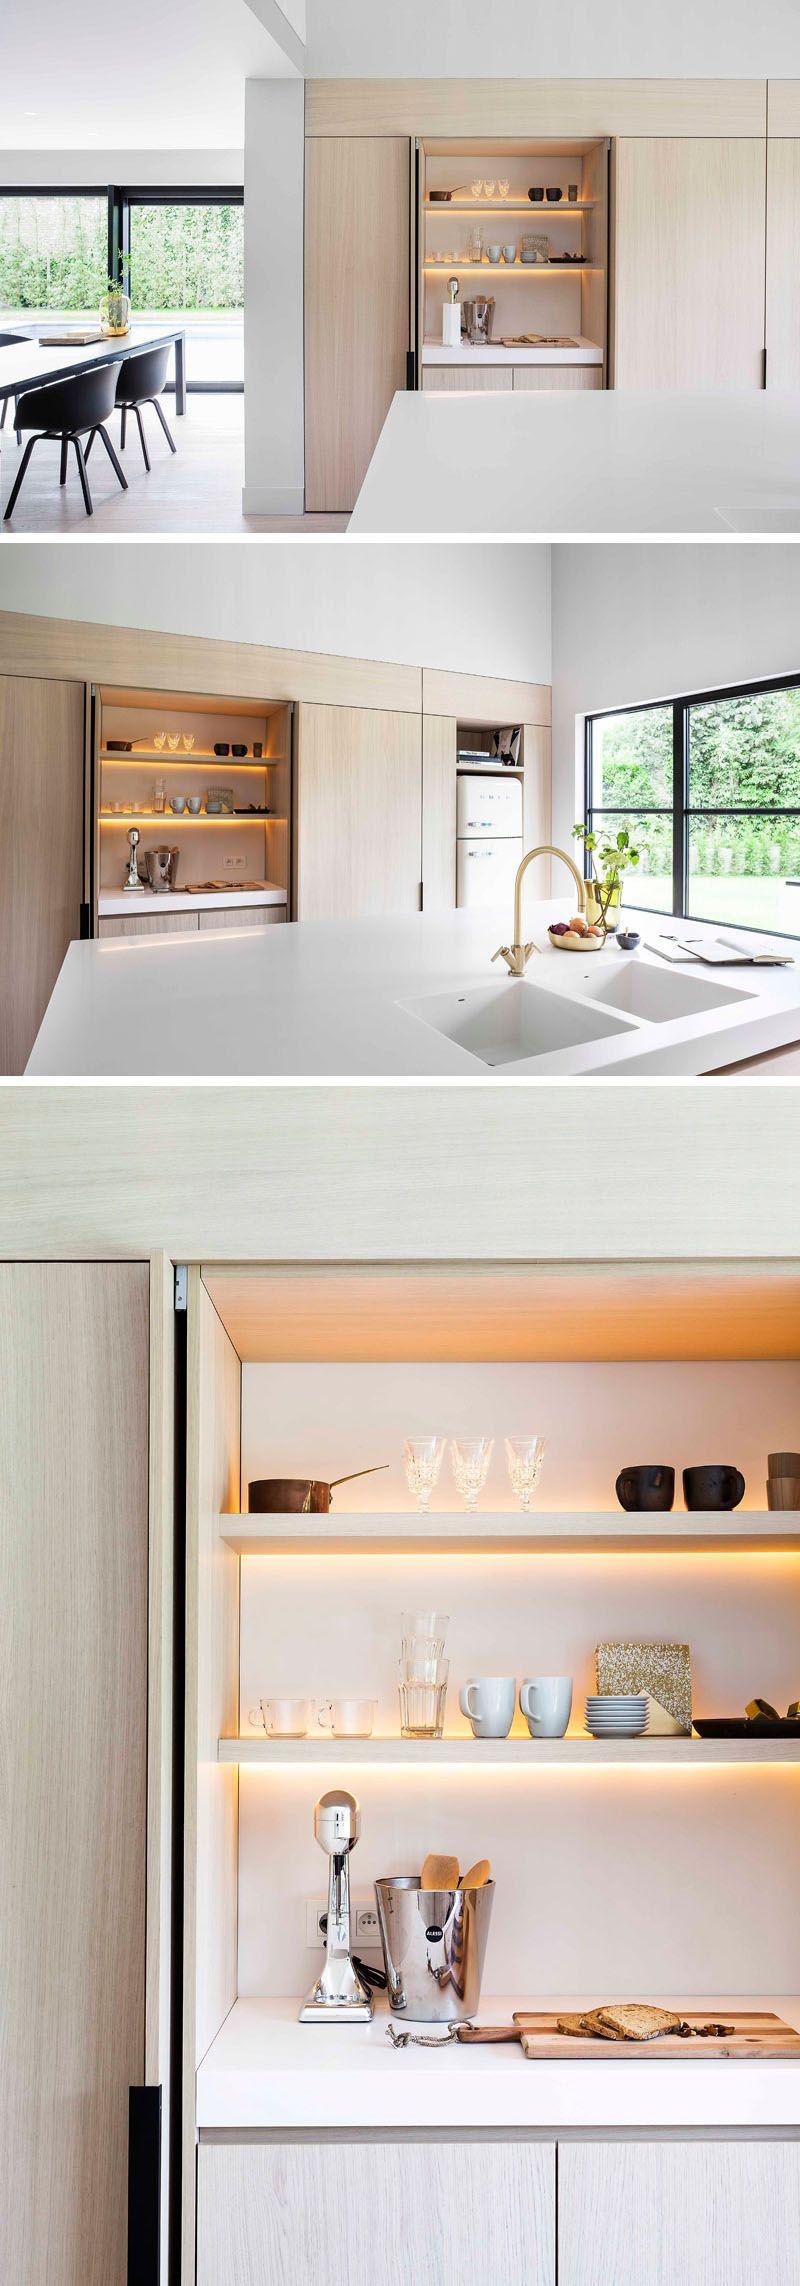 Wundervoll Helle Holzküchen, Moderne Küchen, Schranktüren, Schrankbeschläge, Beste  Küchenentwürfe, Kulinarik, Räume, Küchen